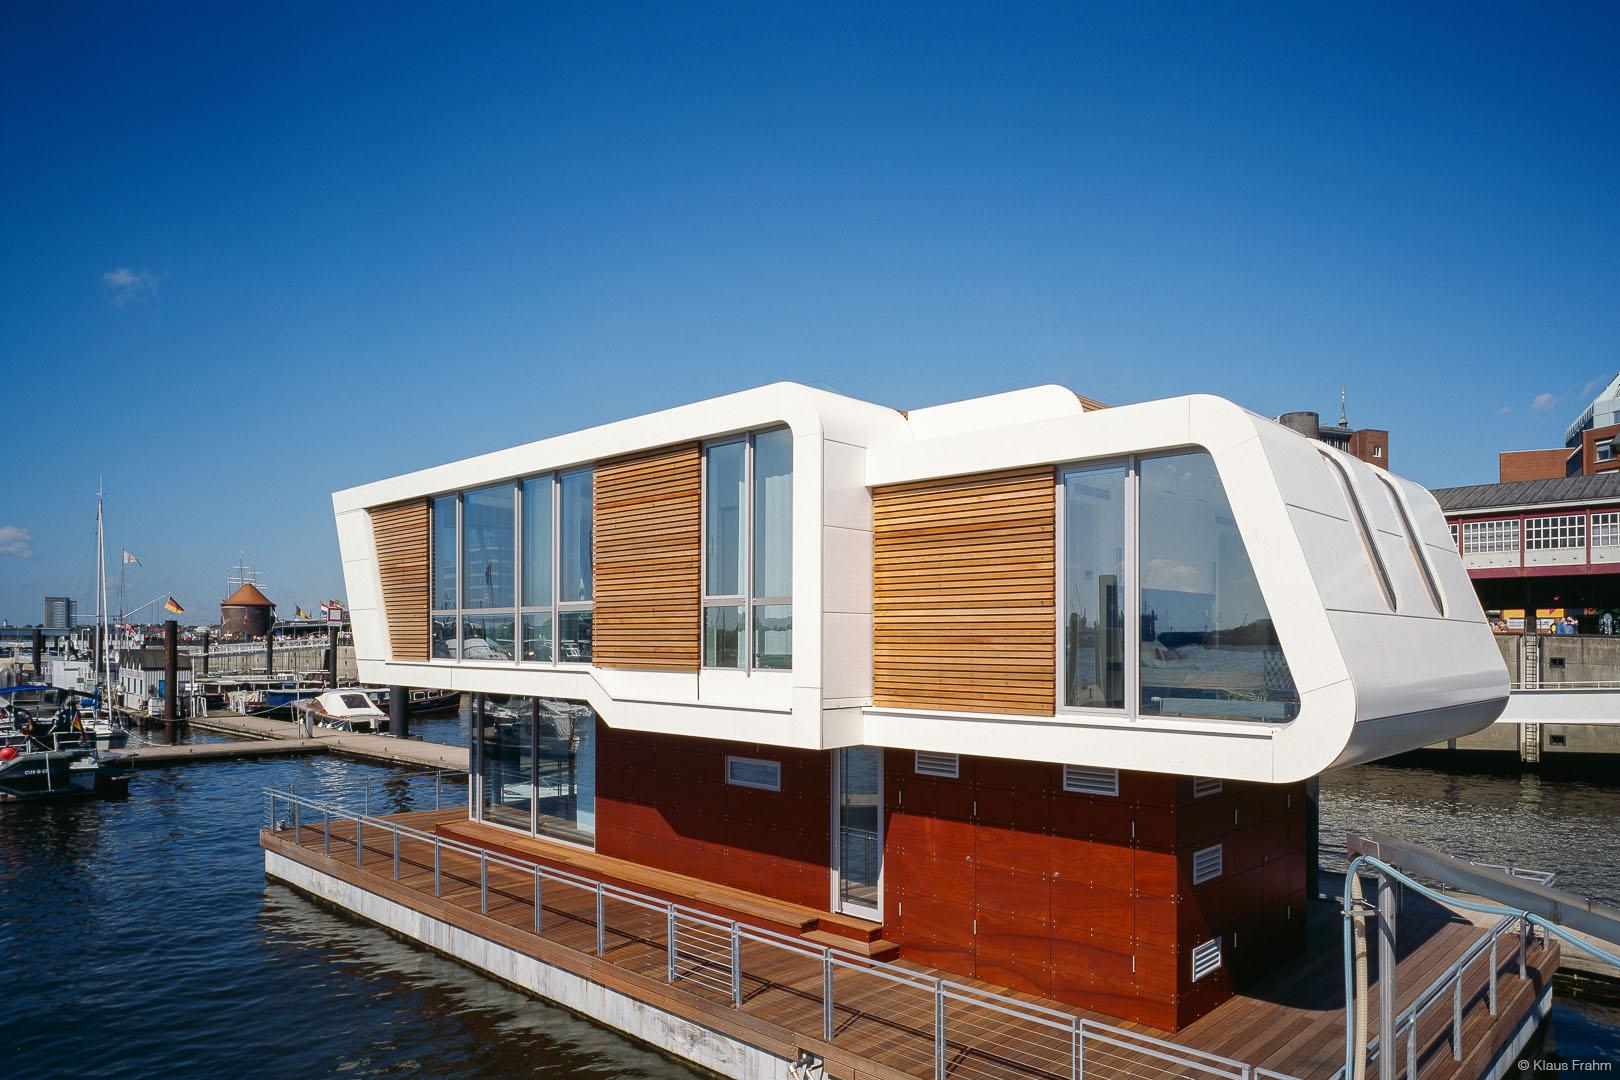 Floating Home - trabitzsch dittrich architekten gmbh